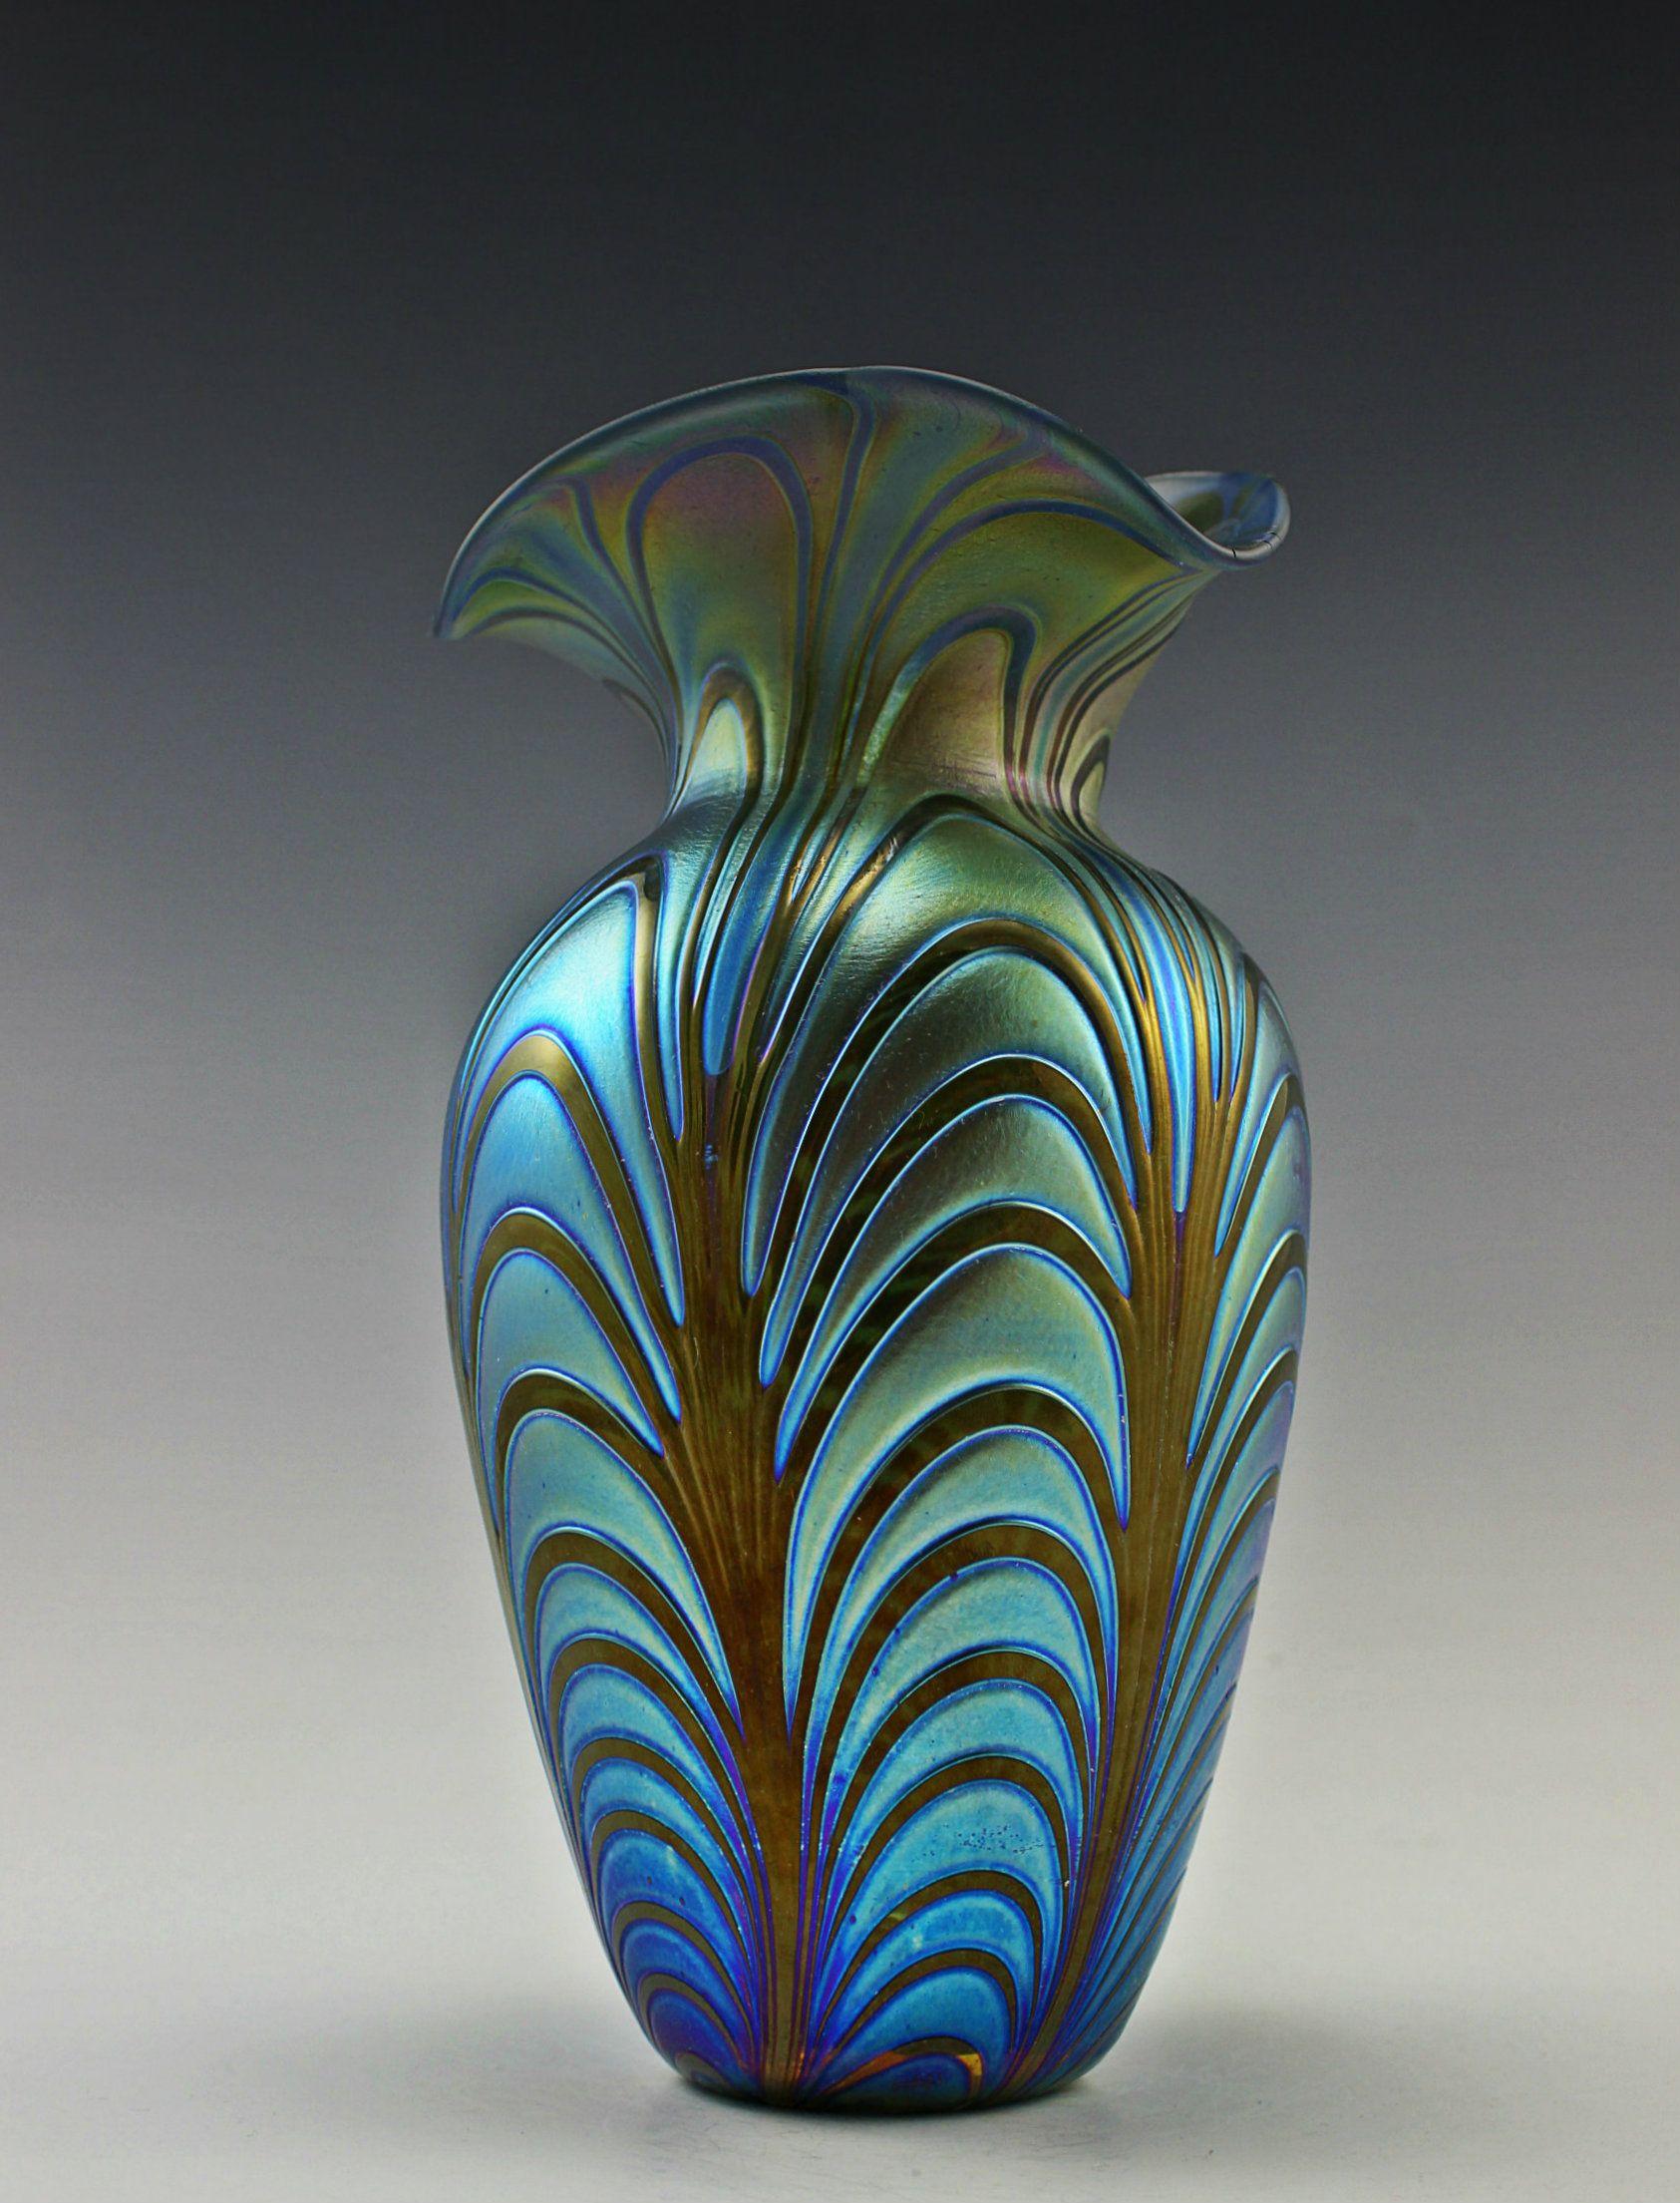 antique vase glass sale s vintage ebay for ebaycom on vases nz beijg cha art